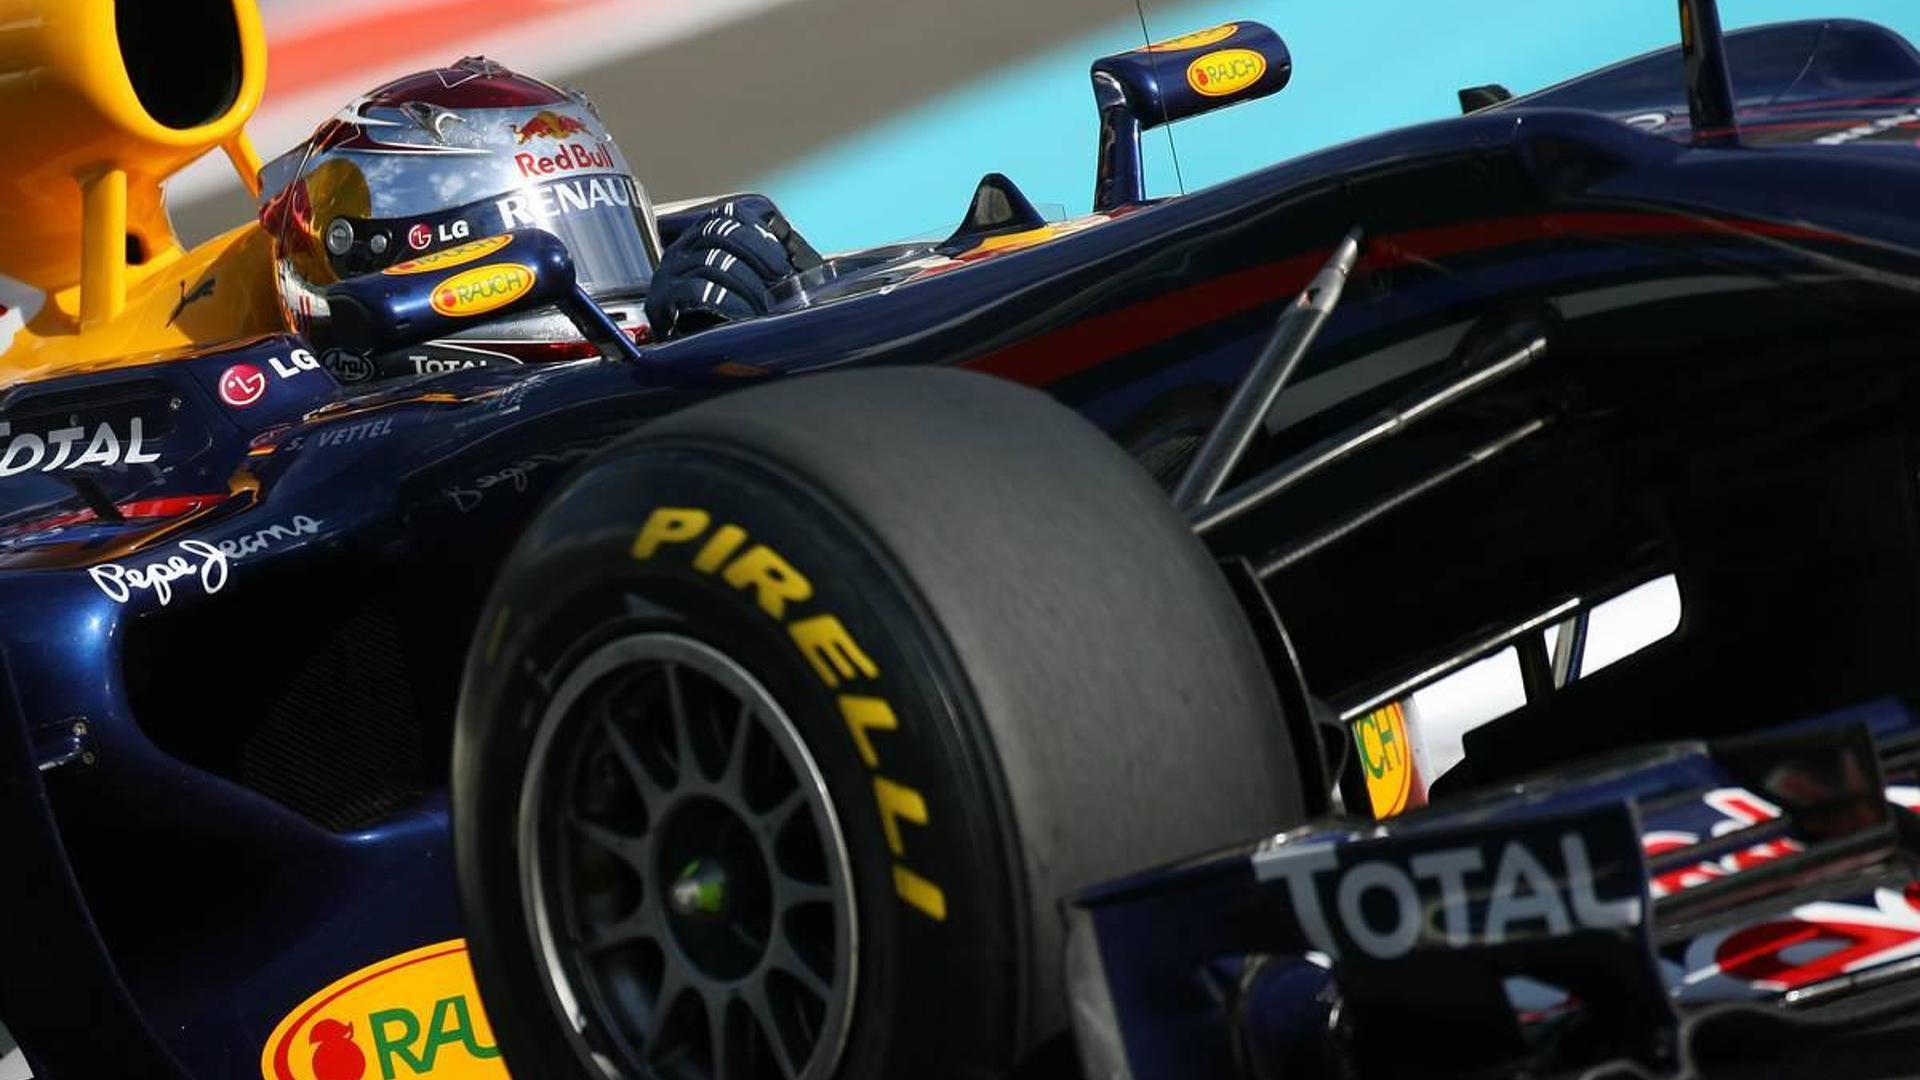 Vettel testing new Pirelli tyres on Friday